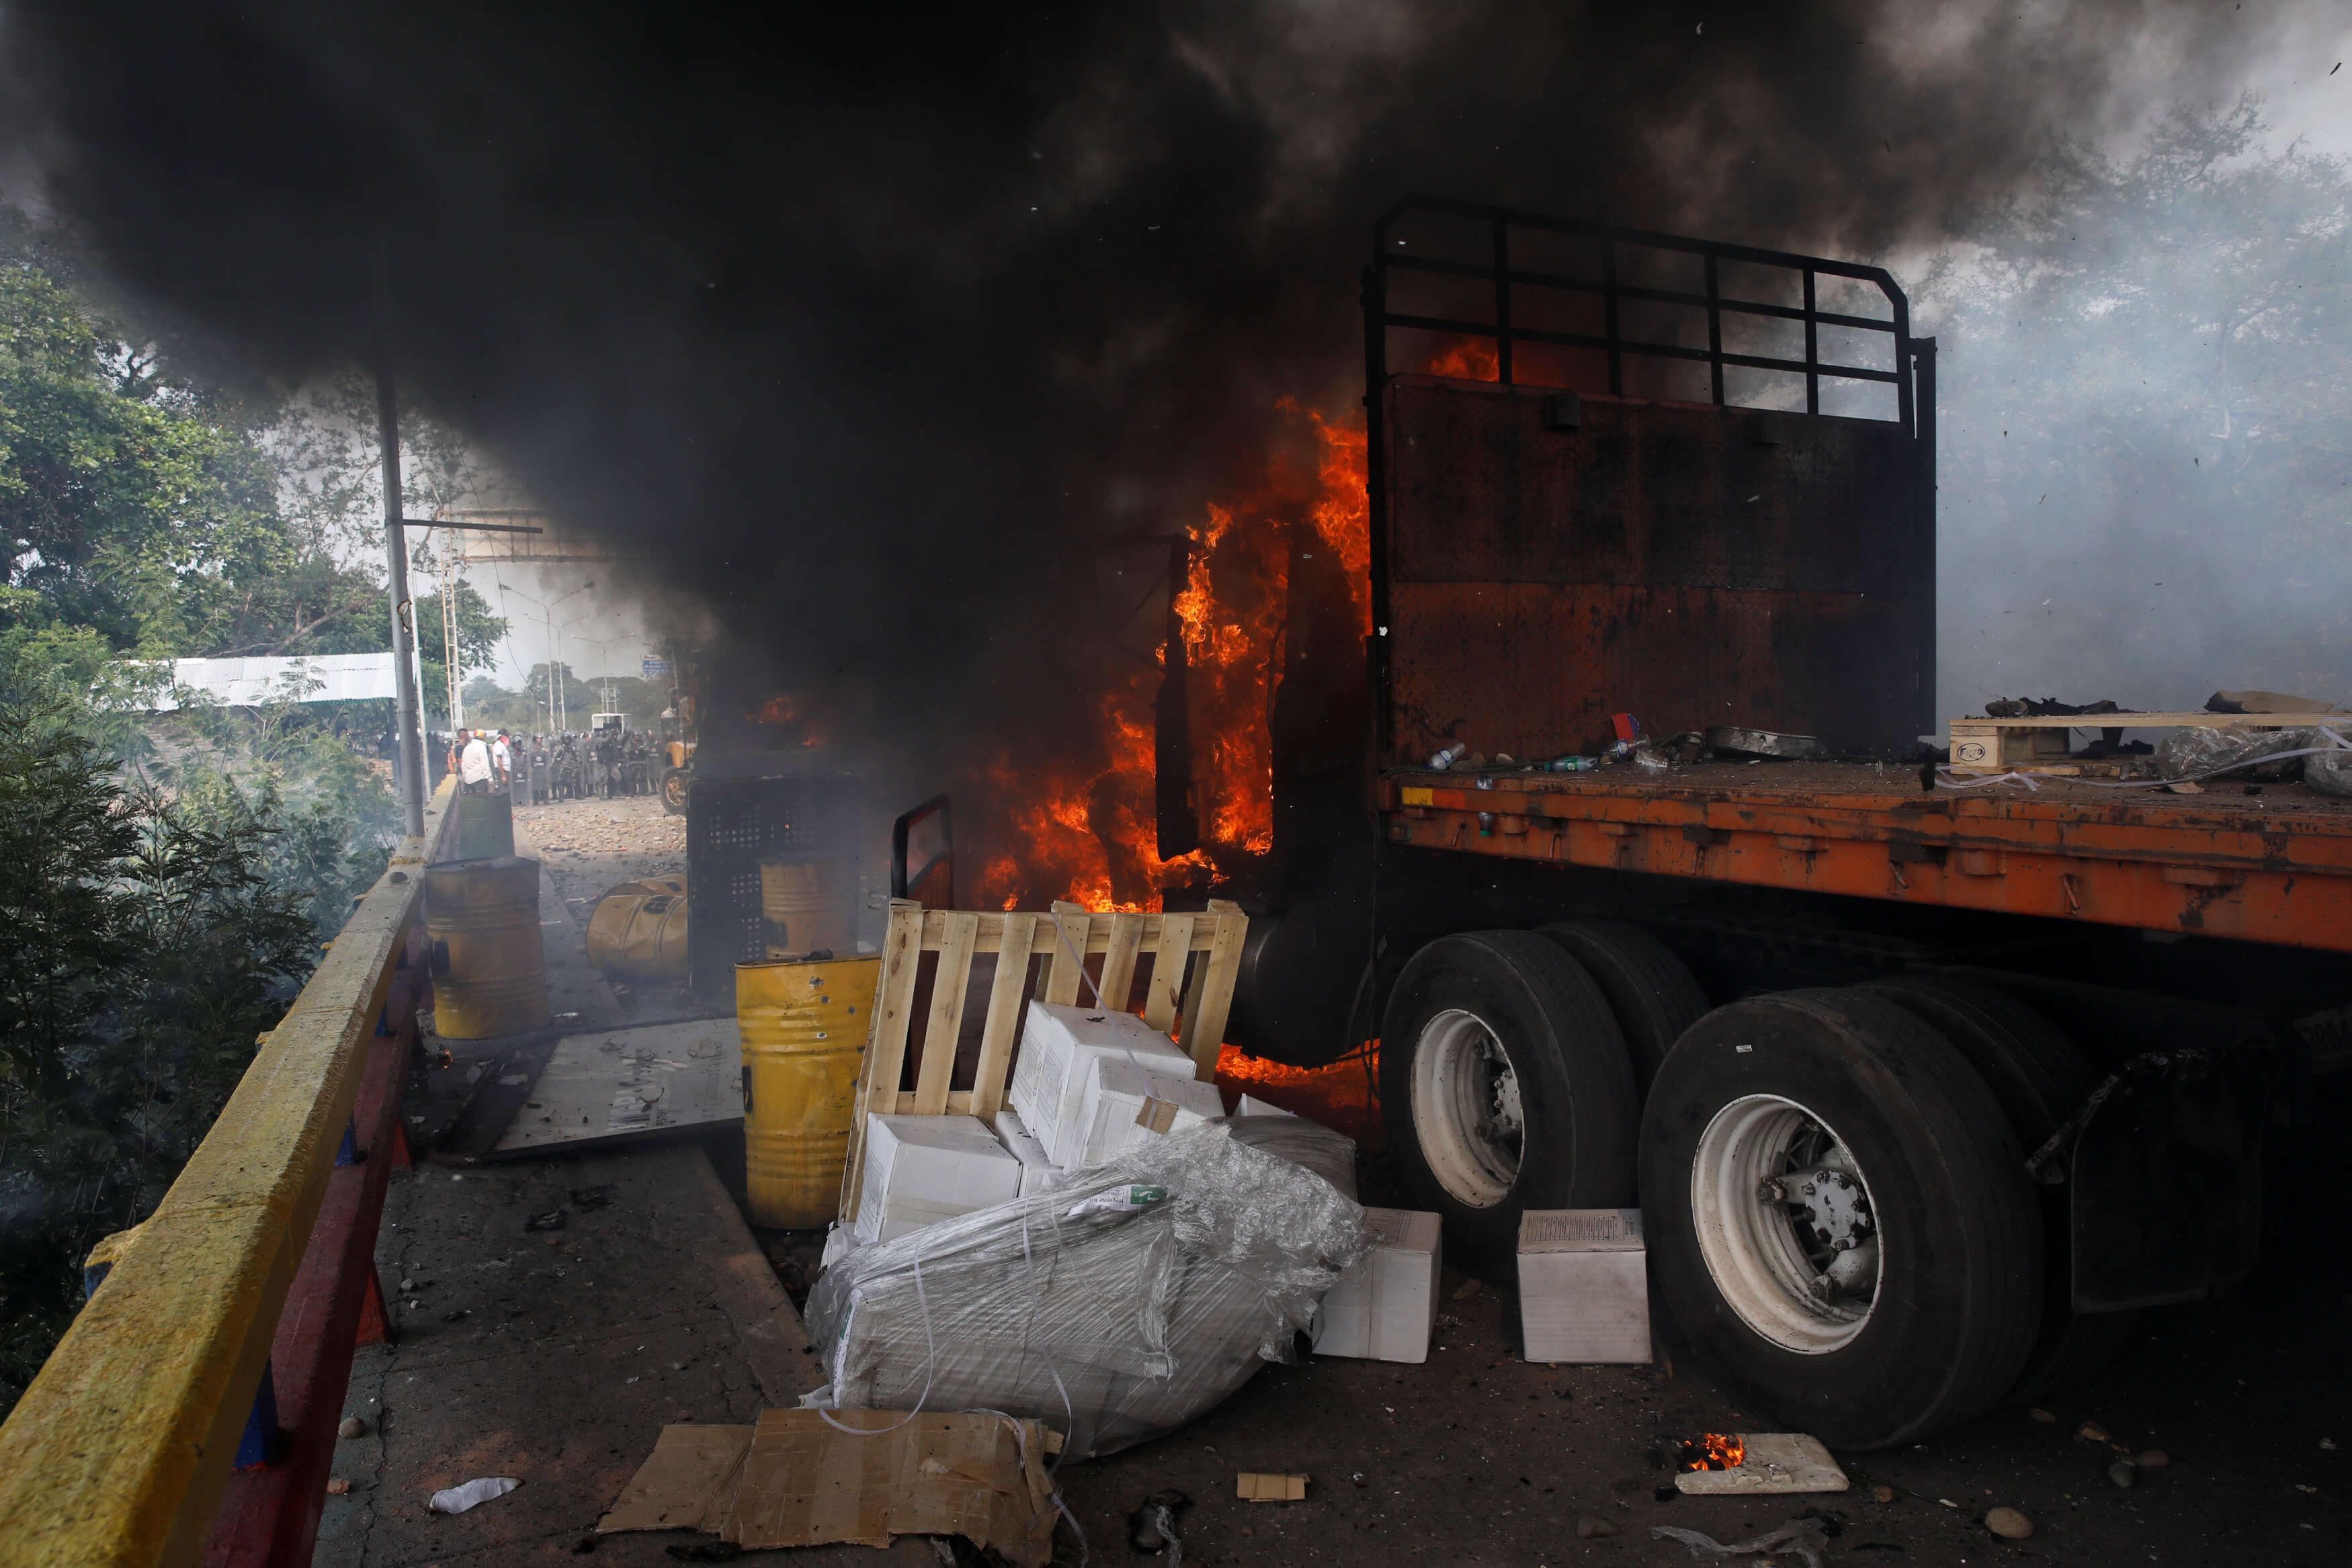 Σοκ! Ένα 14χρονο παιδί ανάμεσα στους νεκρούς στη Βενεζουέλα!